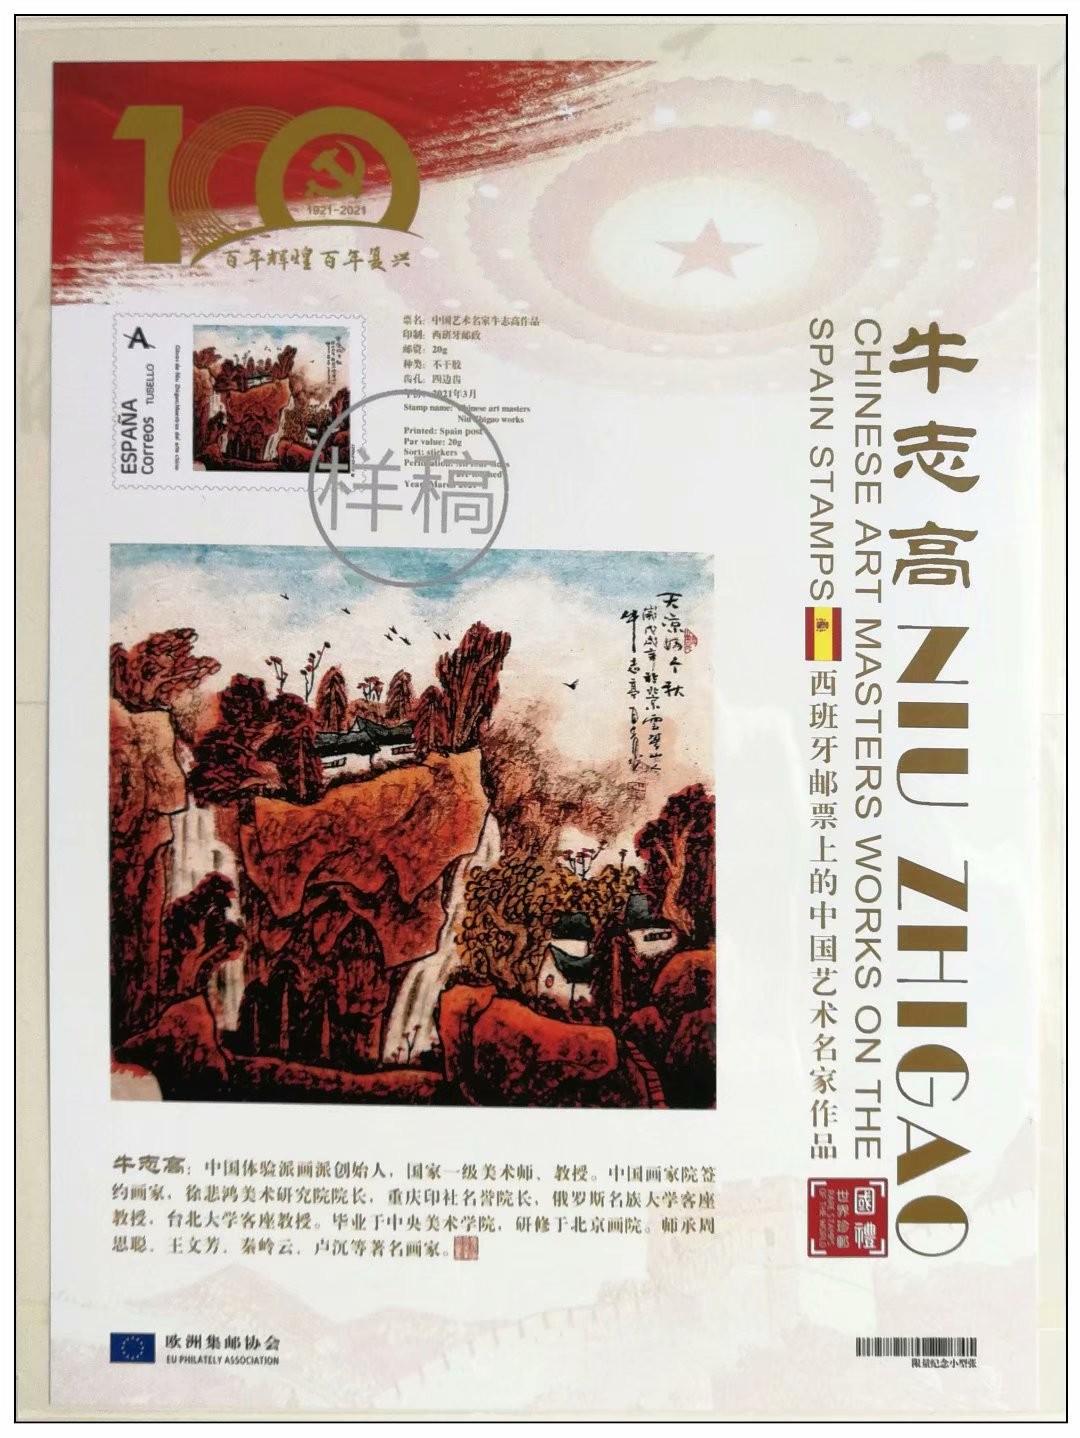 庆祝中国共产党成立100周年---牛志高书画集邮册面世2021.03.15_图1-19